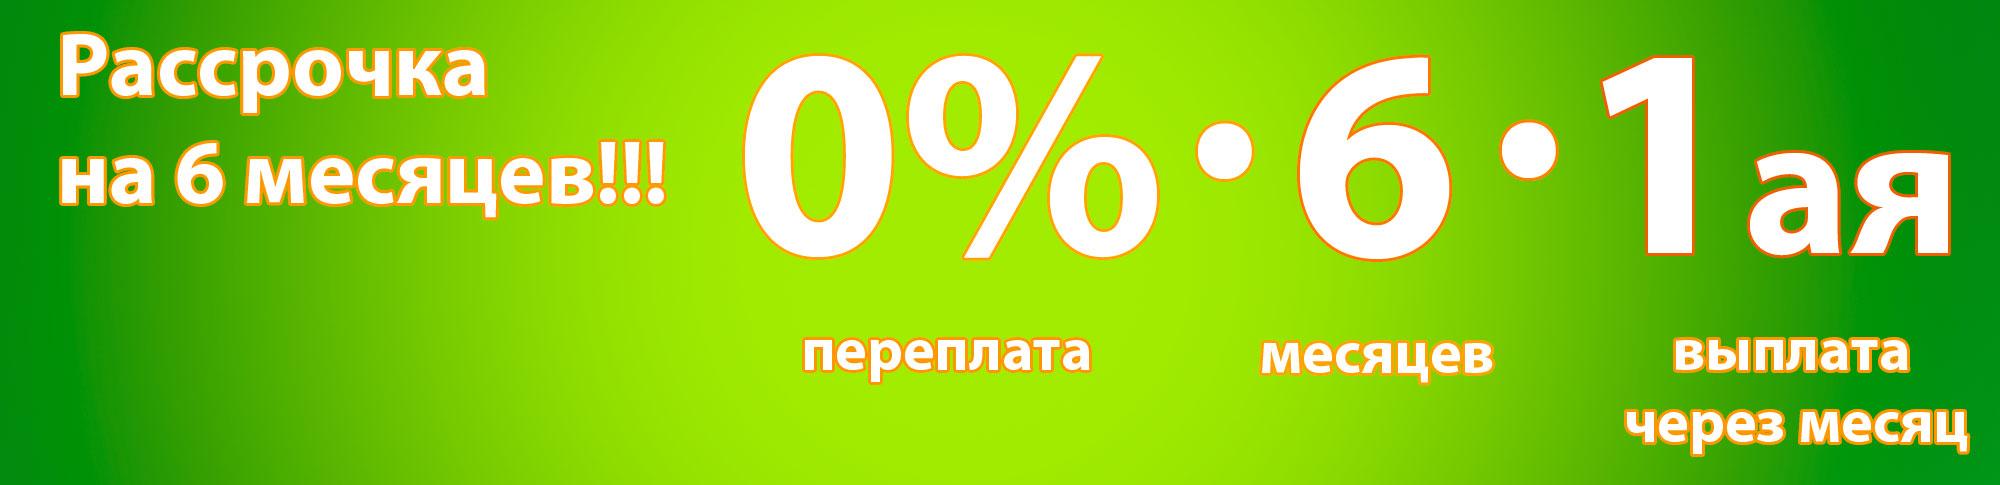 РАССРОЧКА-3